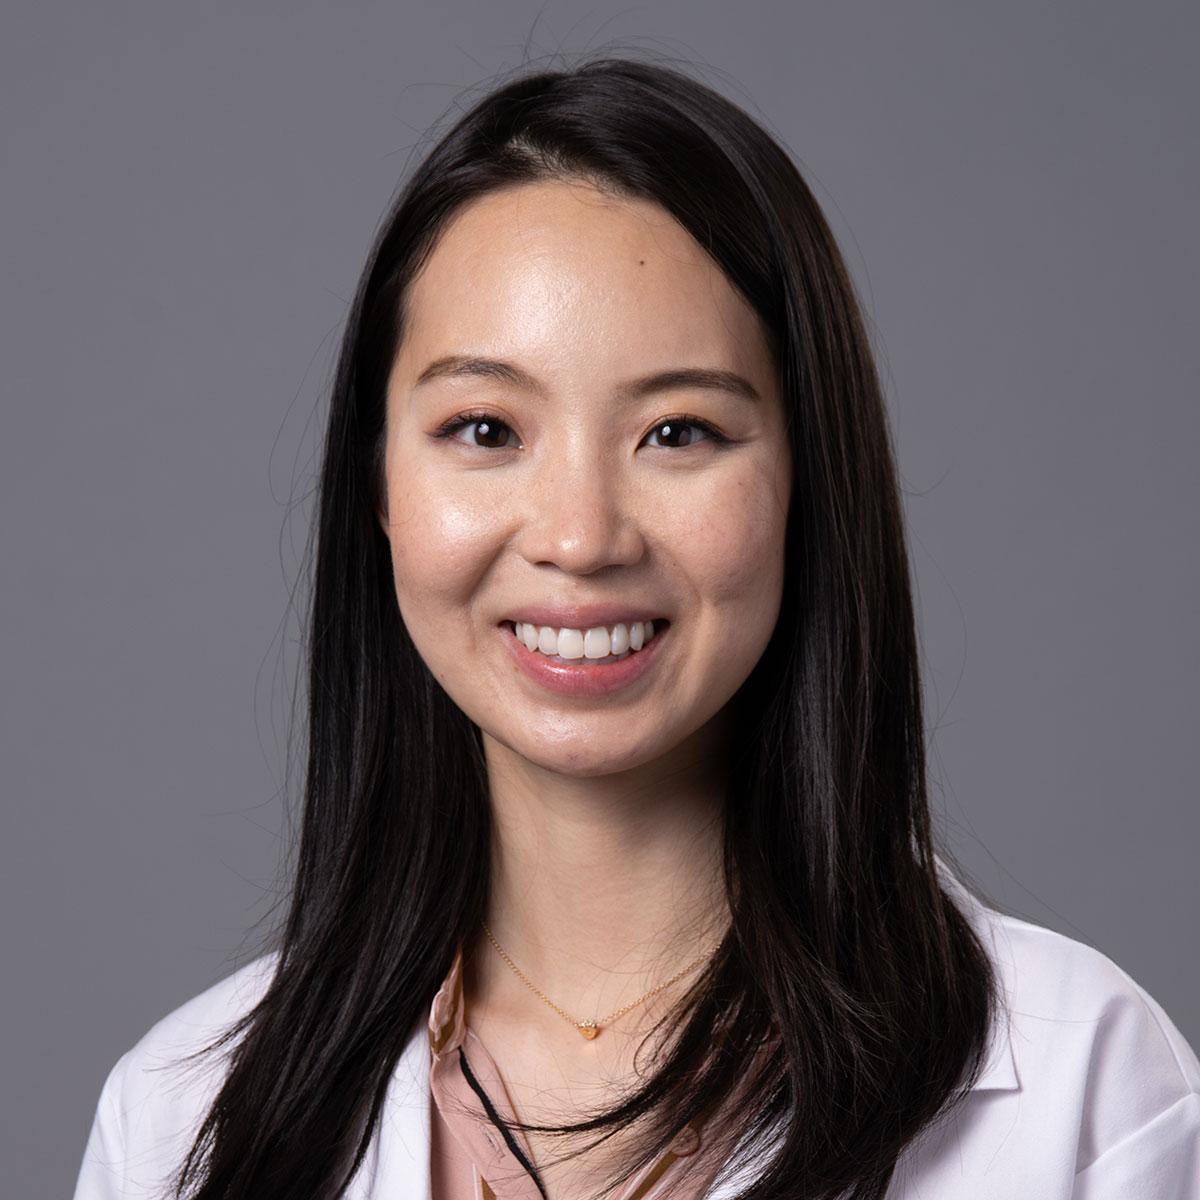 A friendly headshot of Dr. Annie Xu